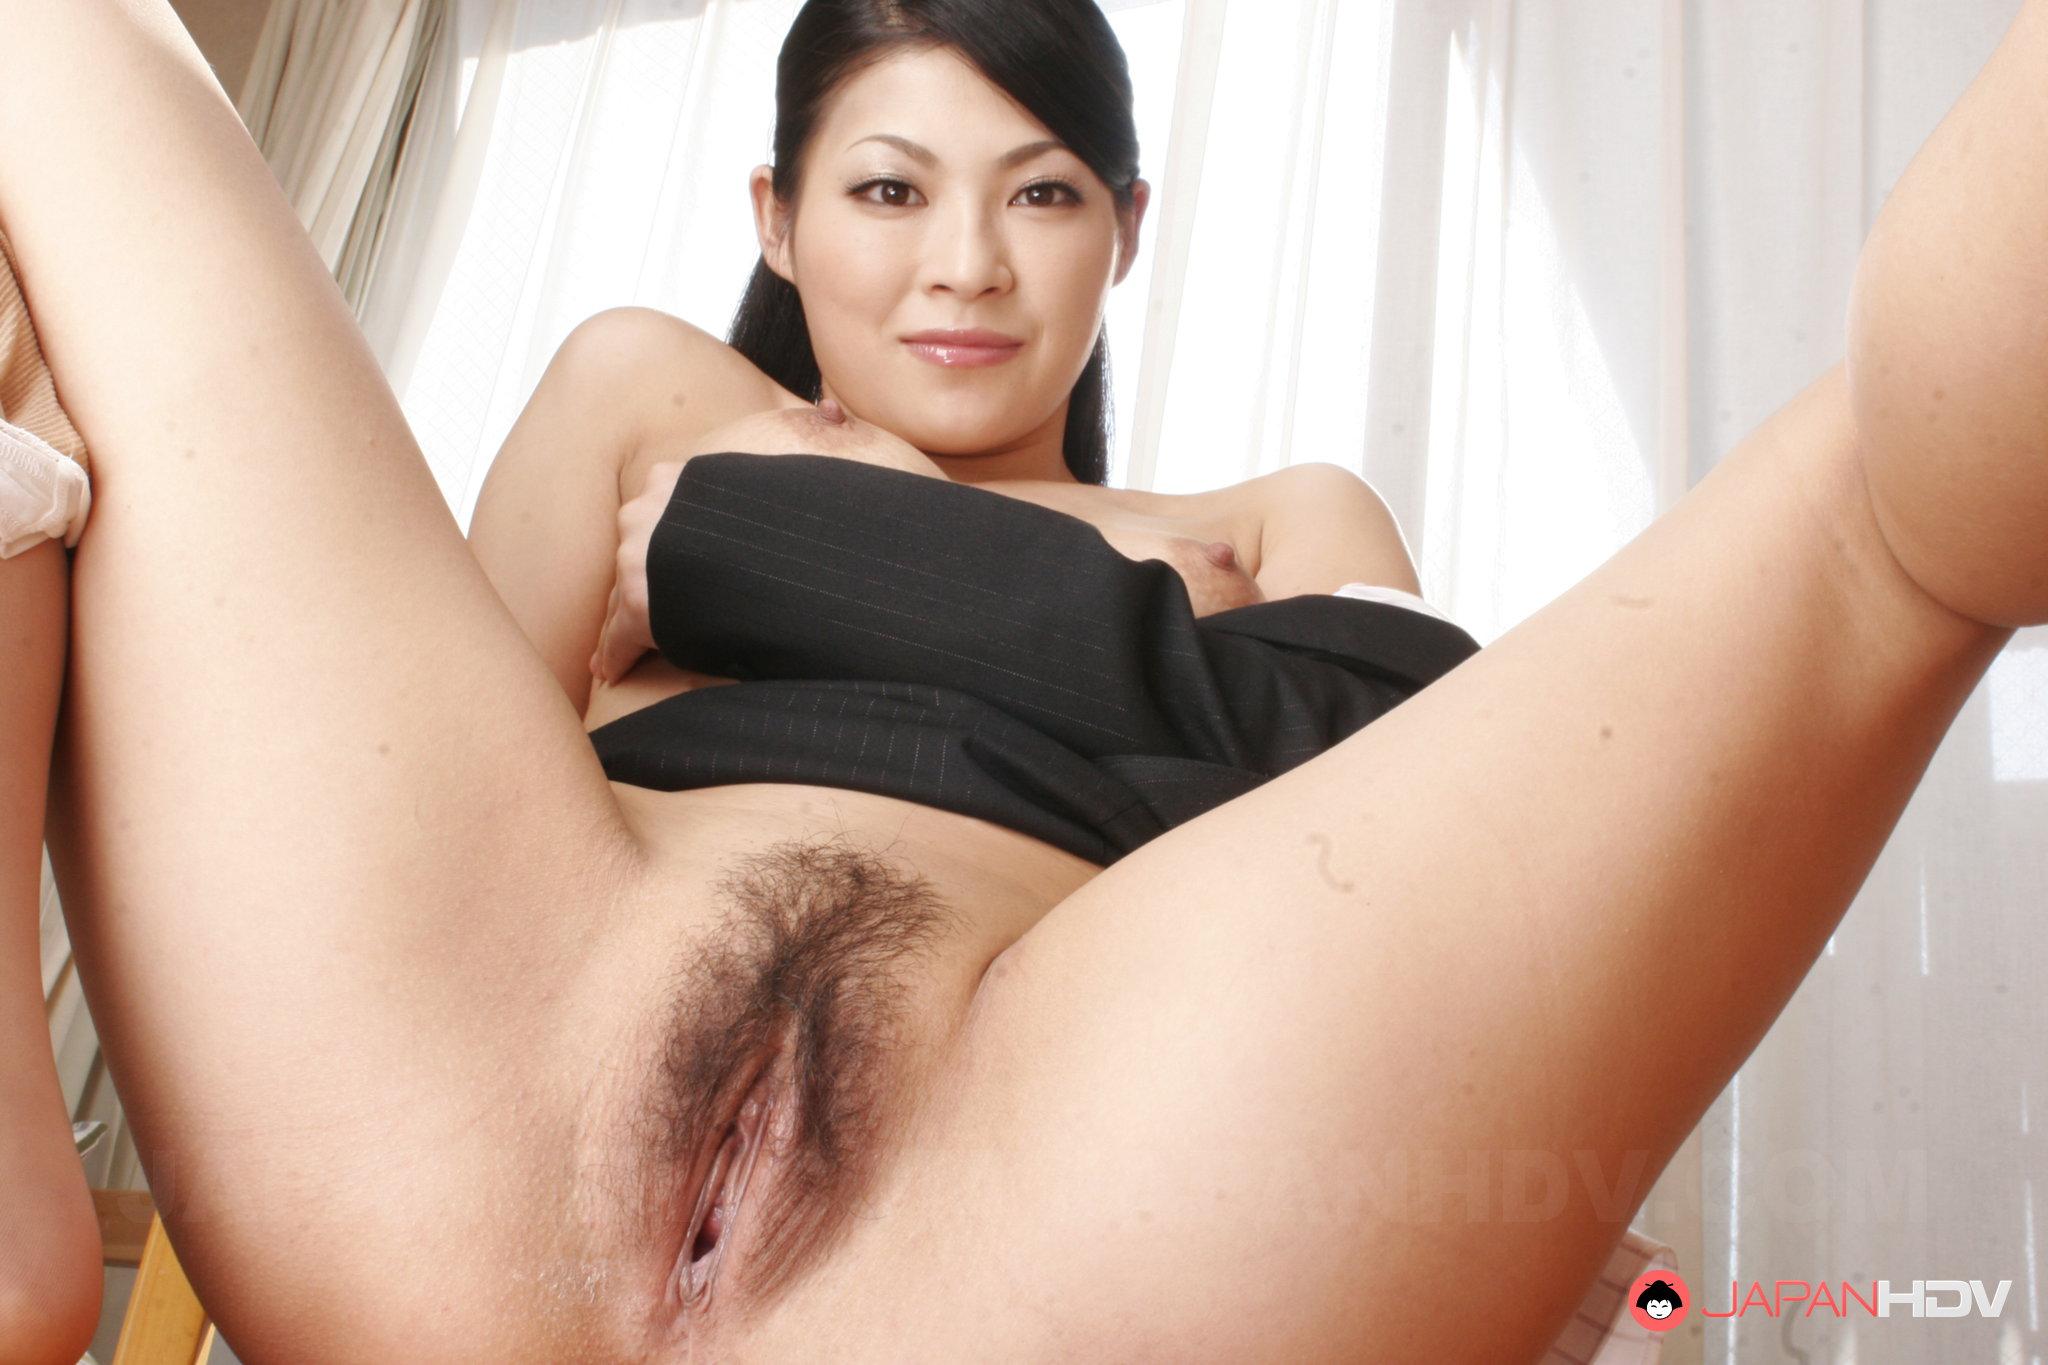 порно ролики с японскими девушками